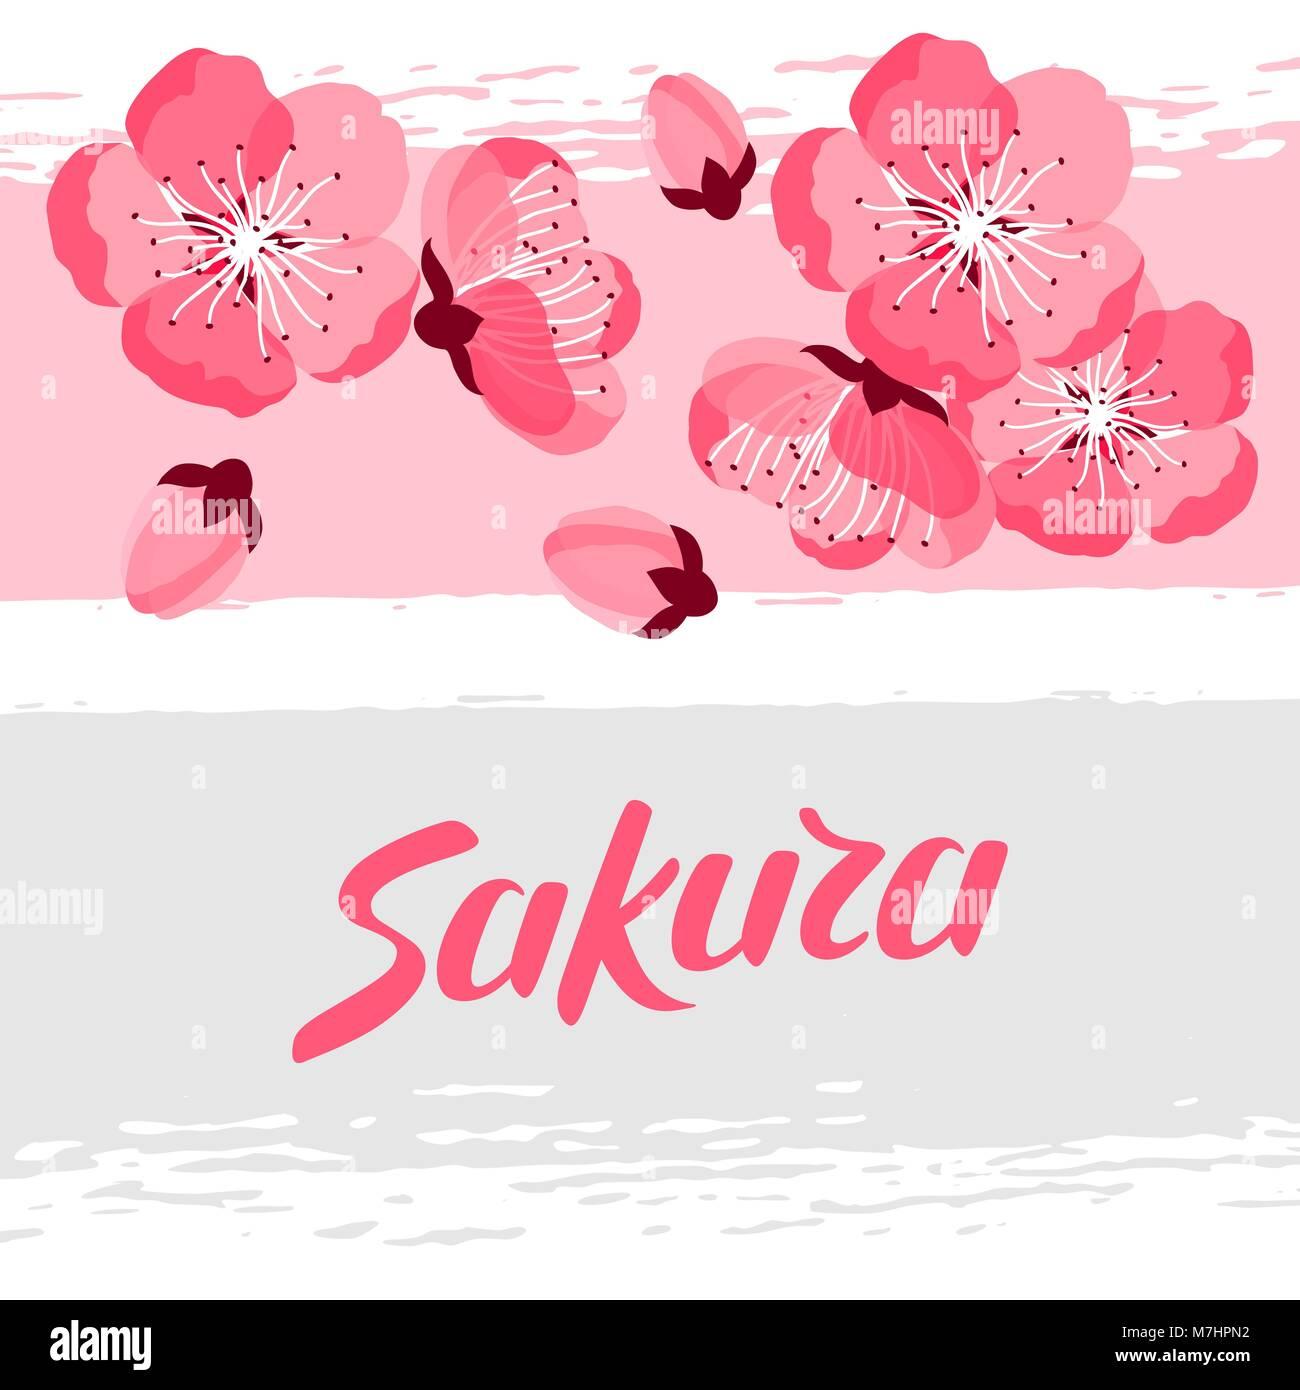 Japanese Sakura Background With Stylized Flowers Image For Holiday